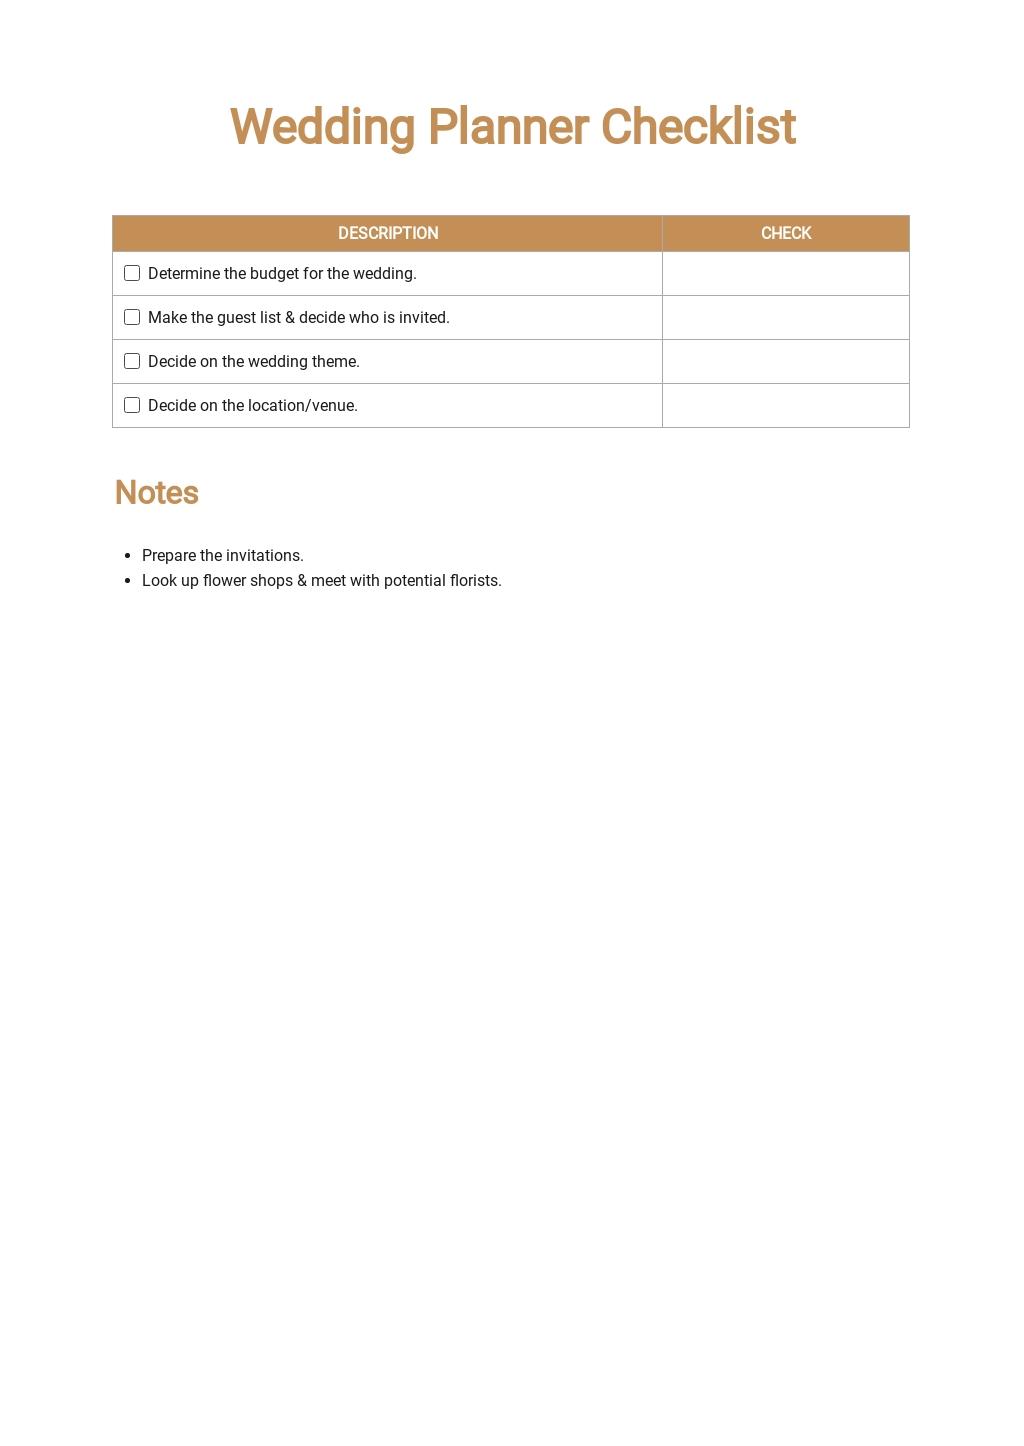 Wedding Planner Checklist Template.jpe